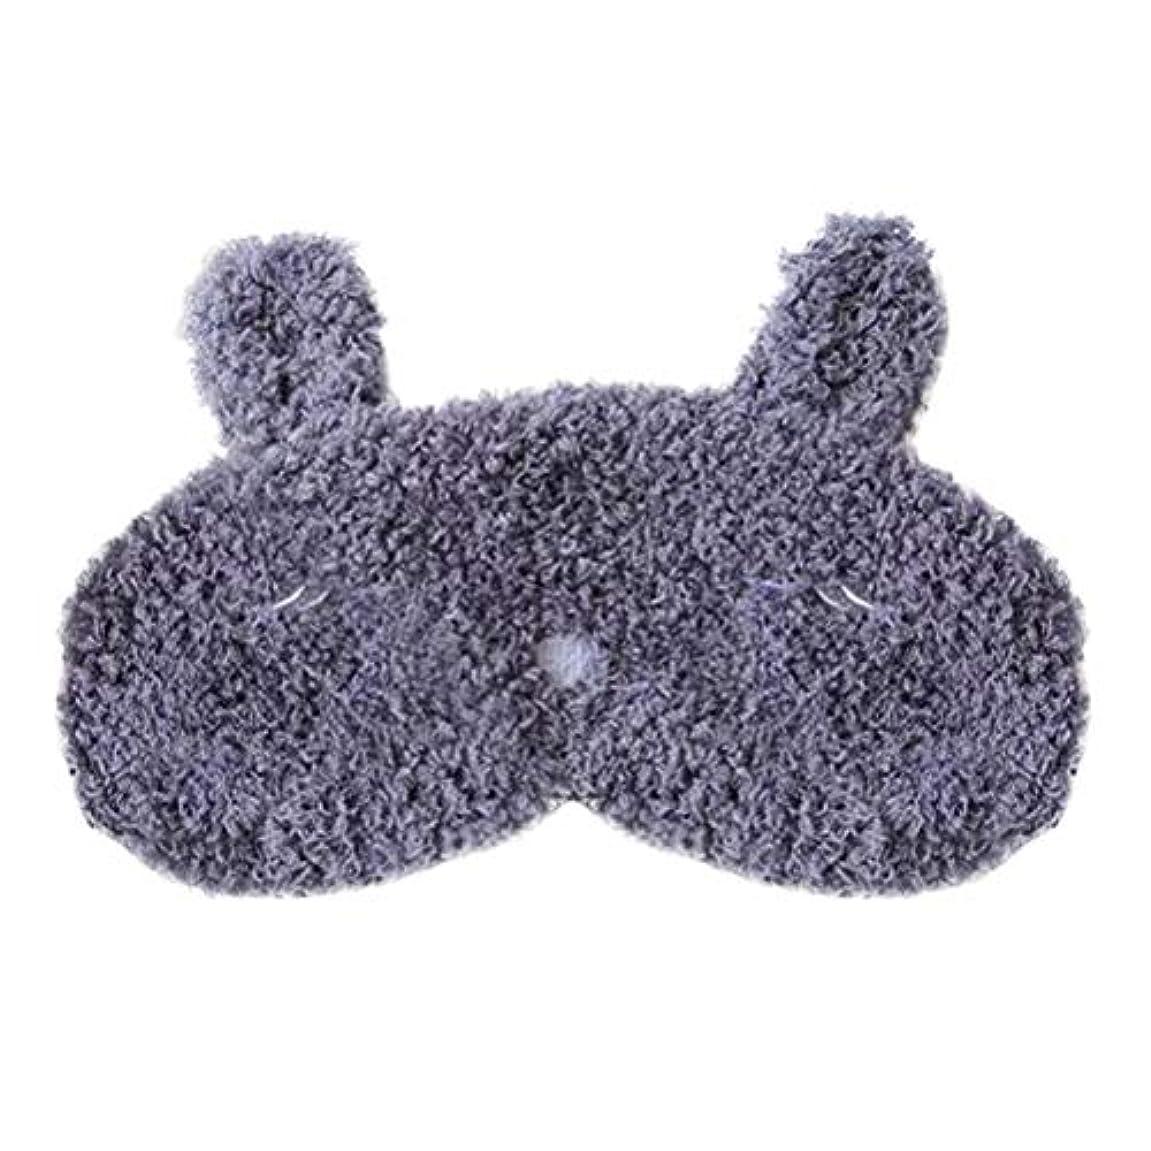 バリケードホイッスルレビューHealifty かわいいアイマスクアイシェッドカーネーションアイマスクウサギのキャットアイパッチ(睡眠ニップ(ネイビー)